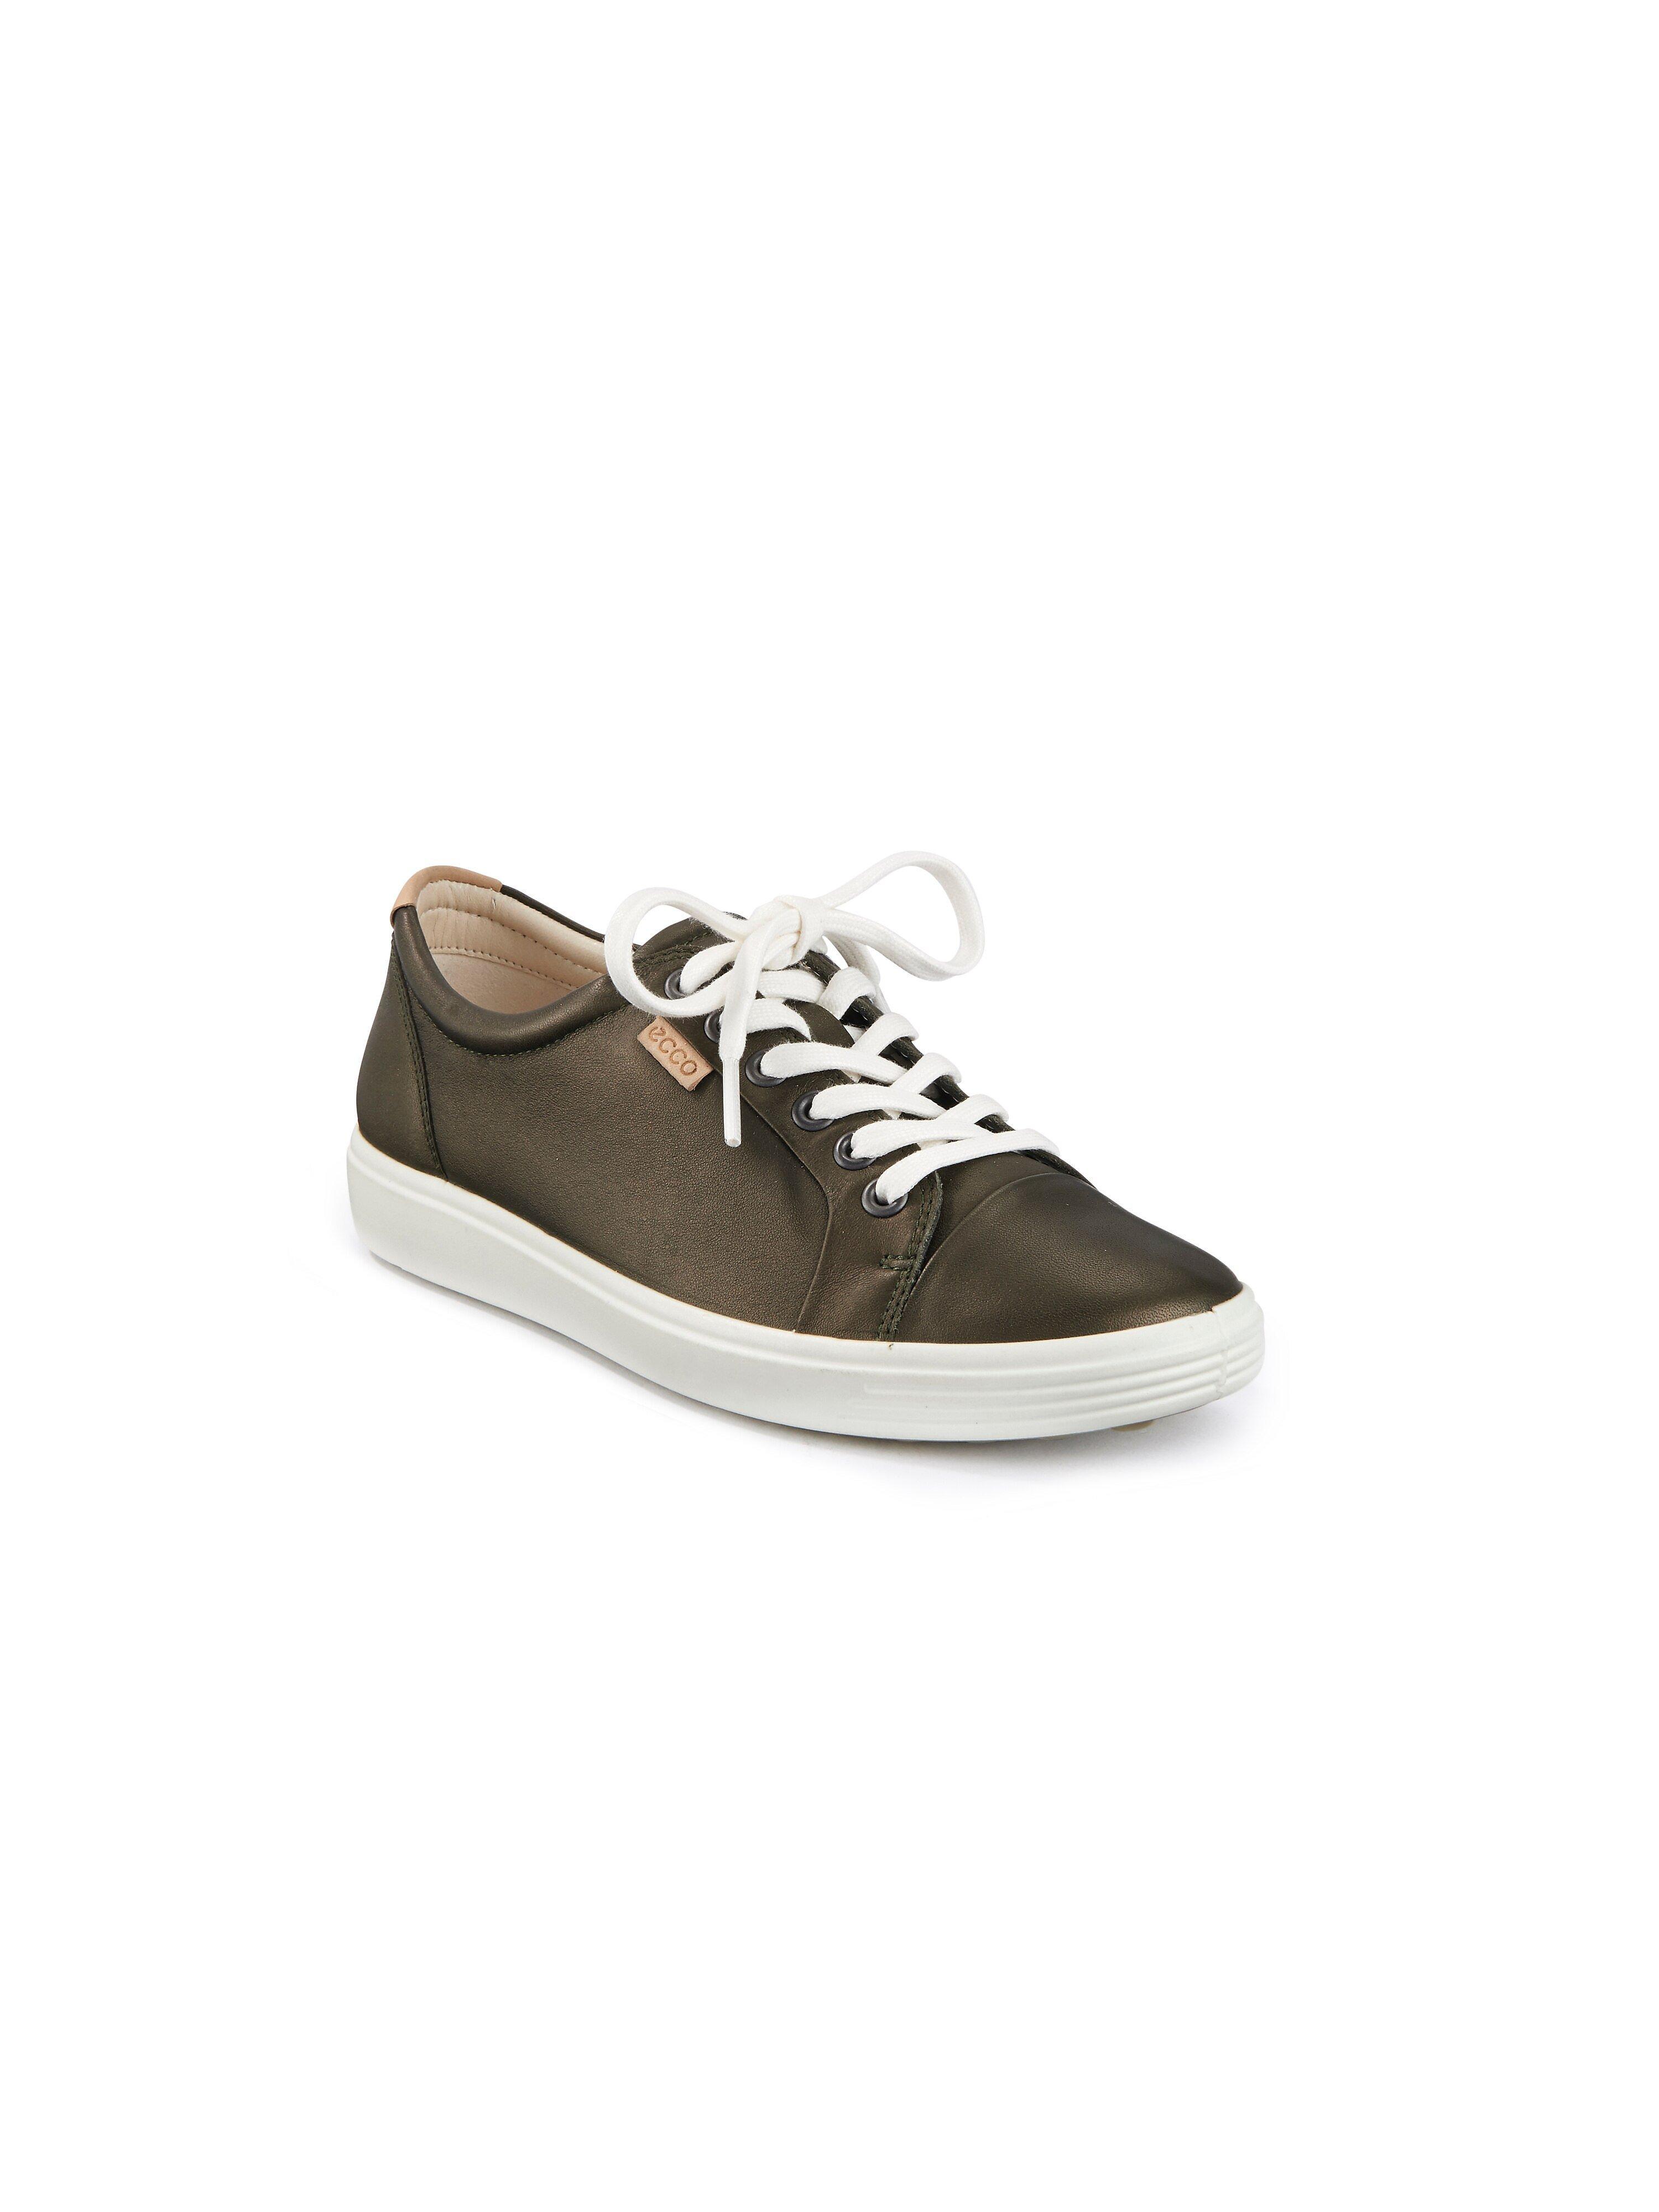 Sneakers model Soft 7 Van Ecco groen